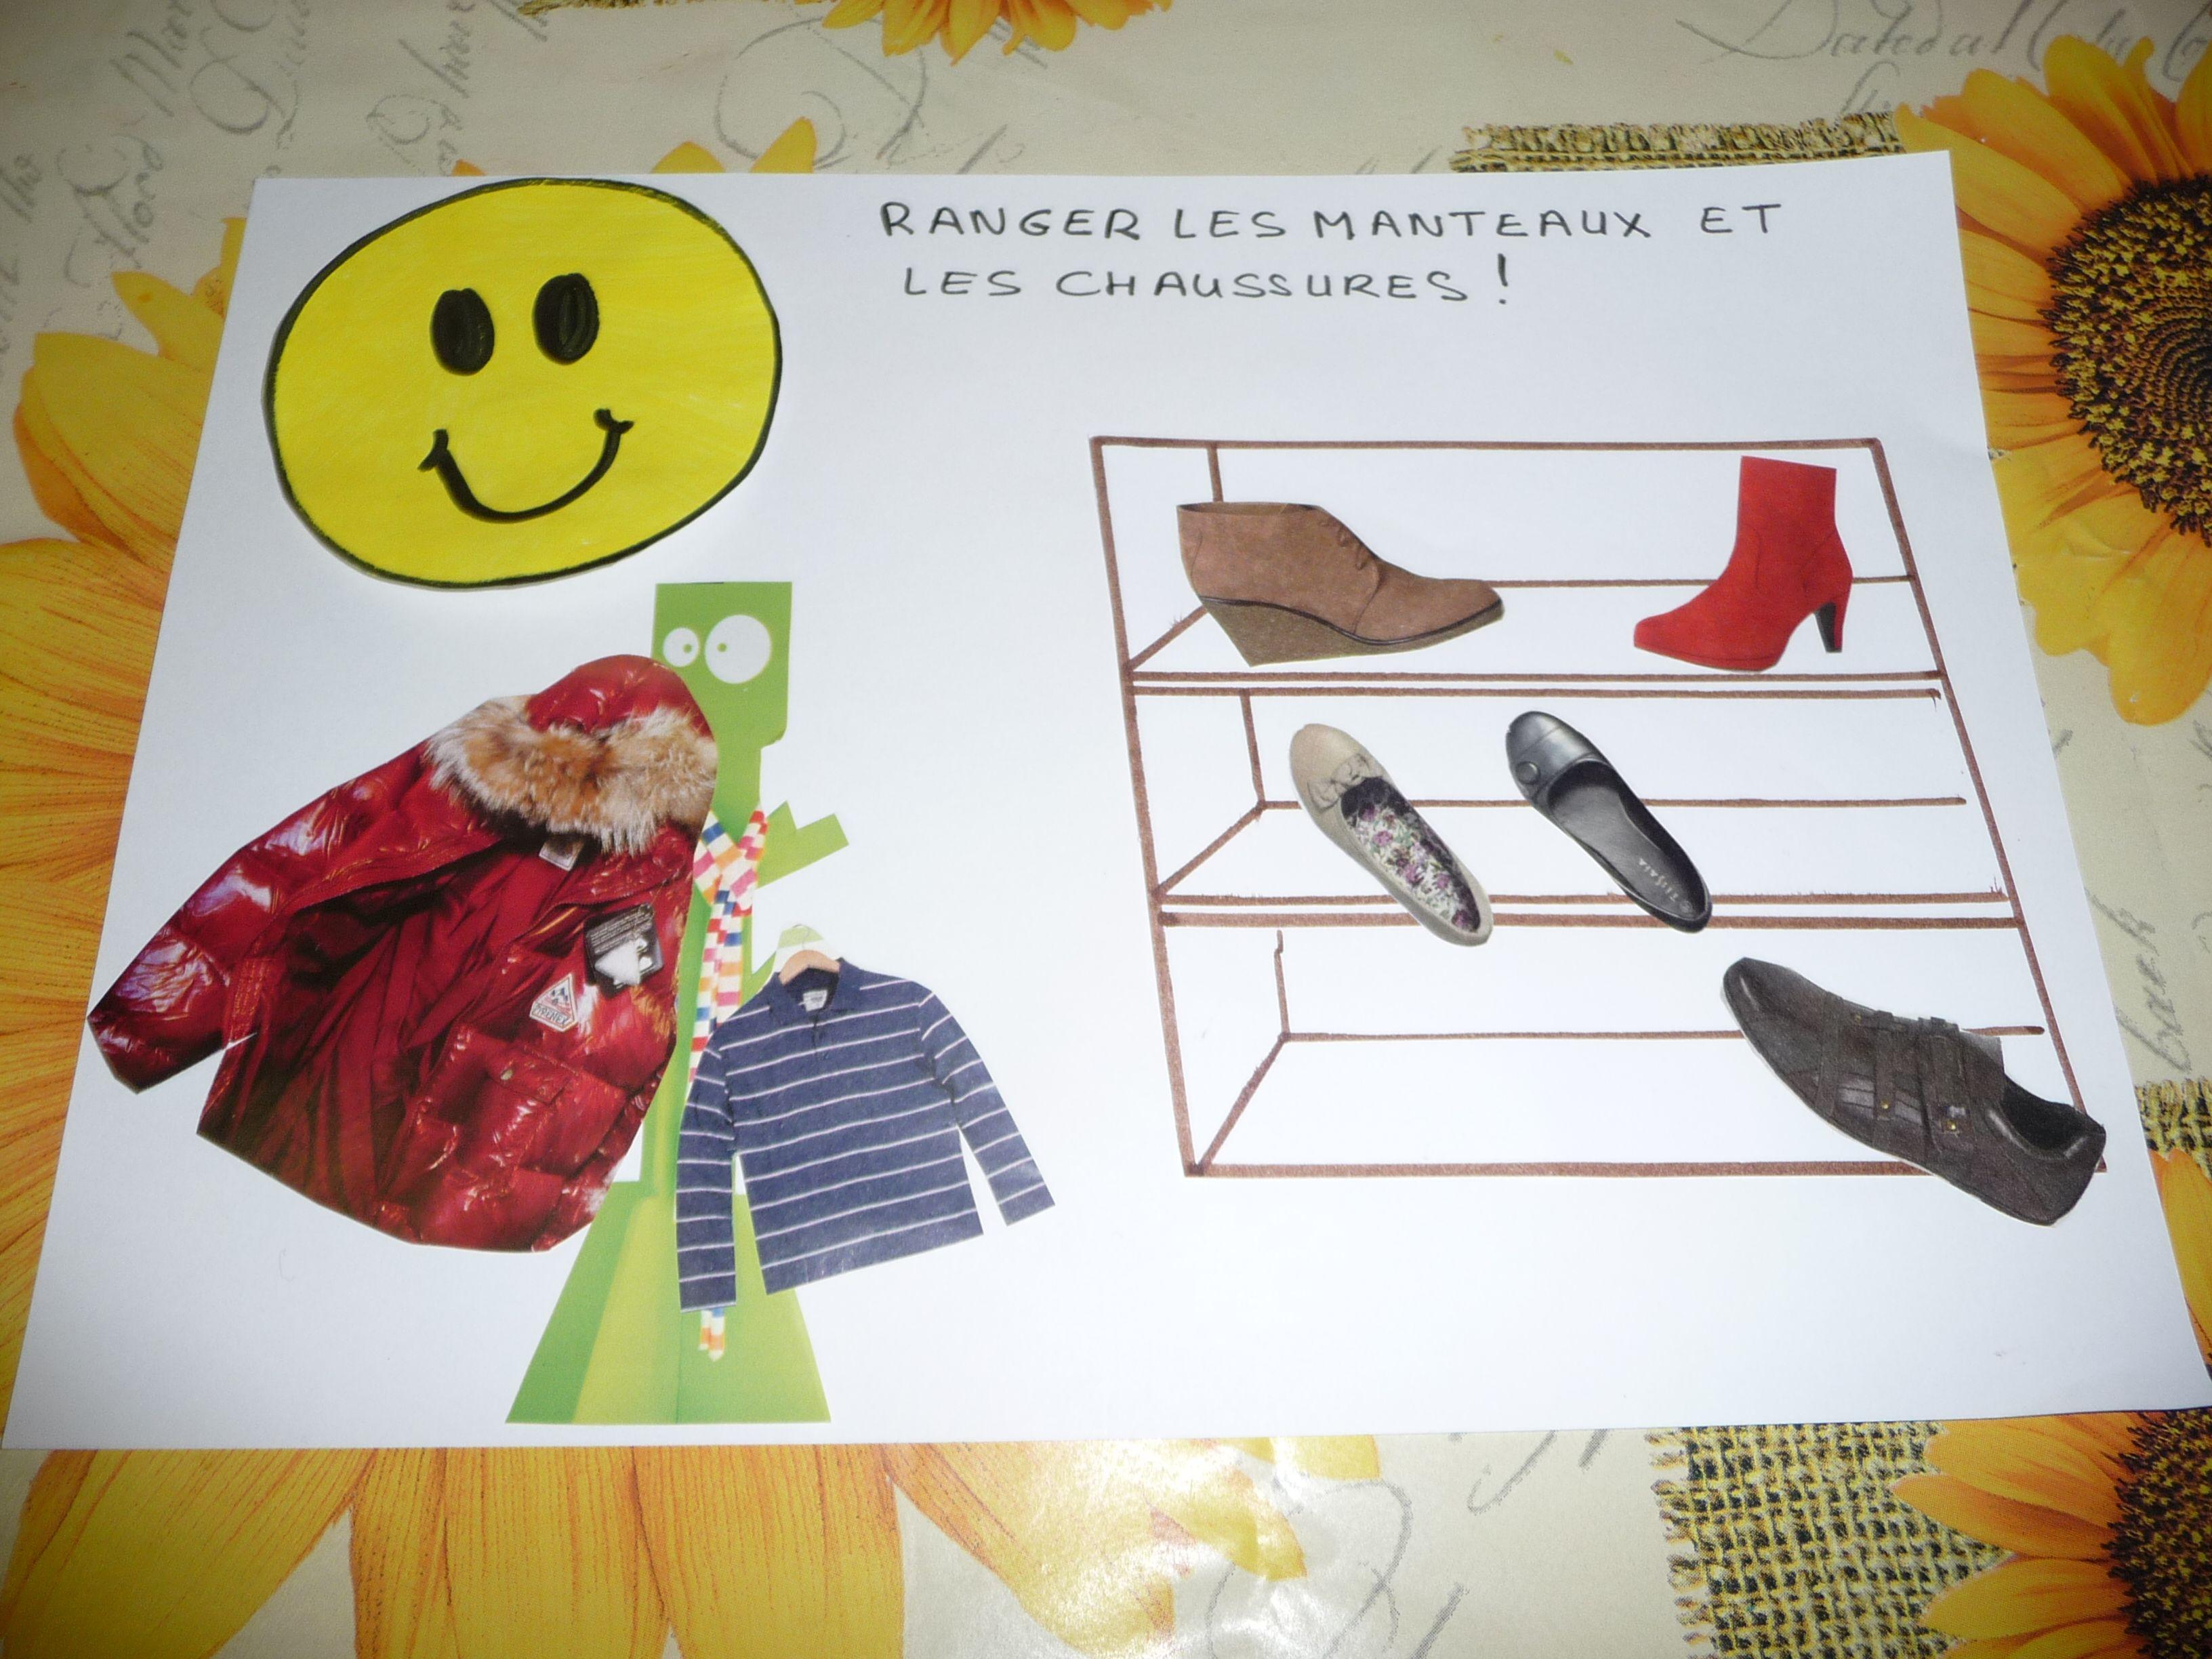 r gles de vie 4 ranger les manteaux et les chaussures. Black Bedroom Furniture Sets. Home Design Ideas